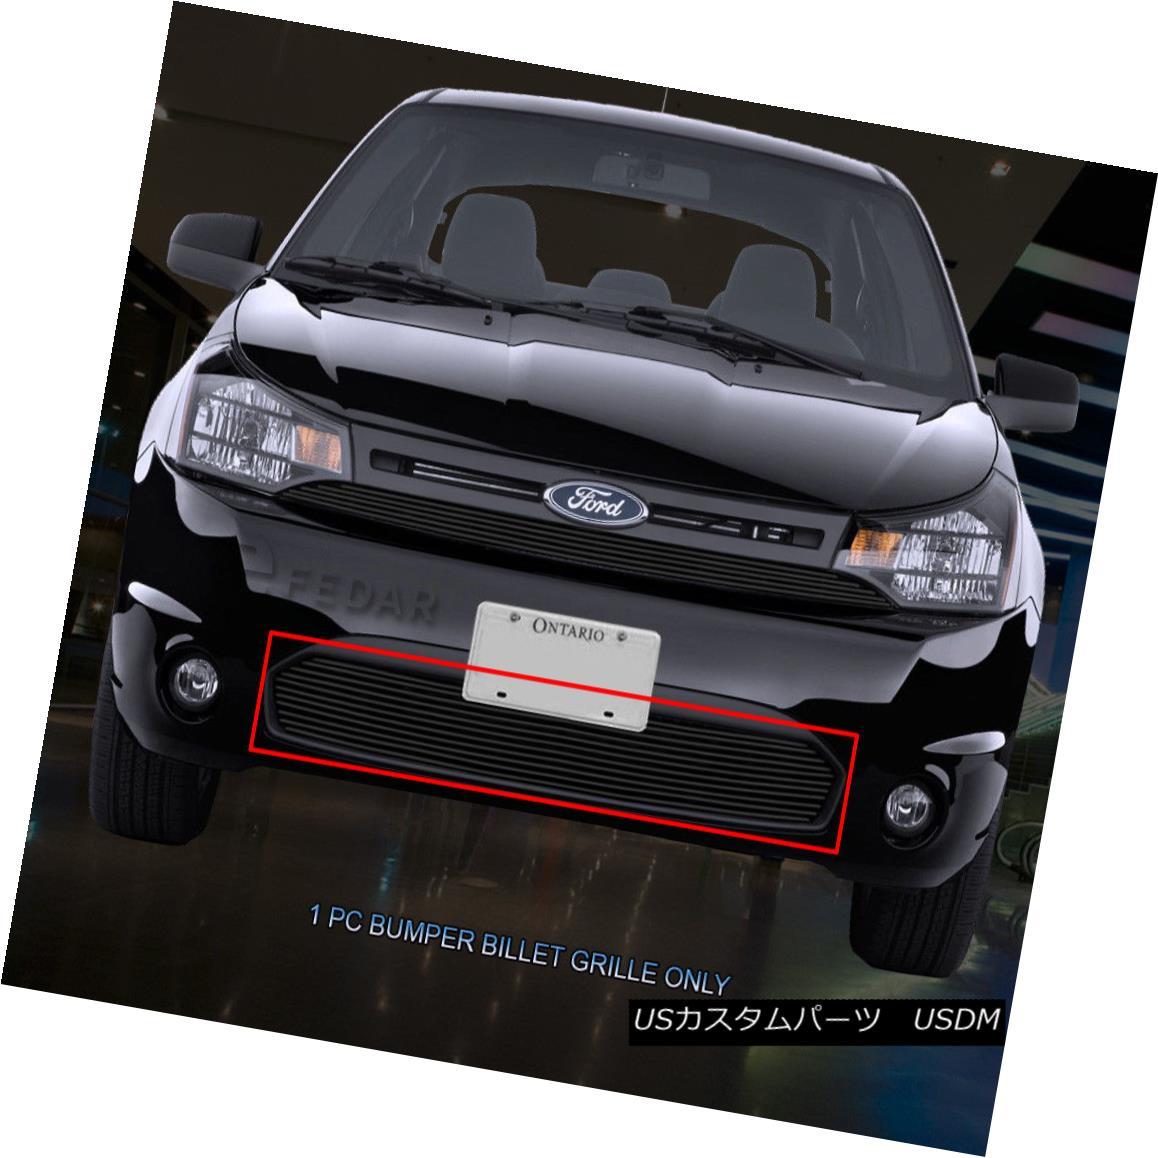 グリル For 2008 2009 2010 2011 Ford Focus Coupe Black Billet Grille Bumper Insert Fedar 2008年2009年2010年2011フォードフォーカスクーペブラックビレットグリルバンパーインサートFedar